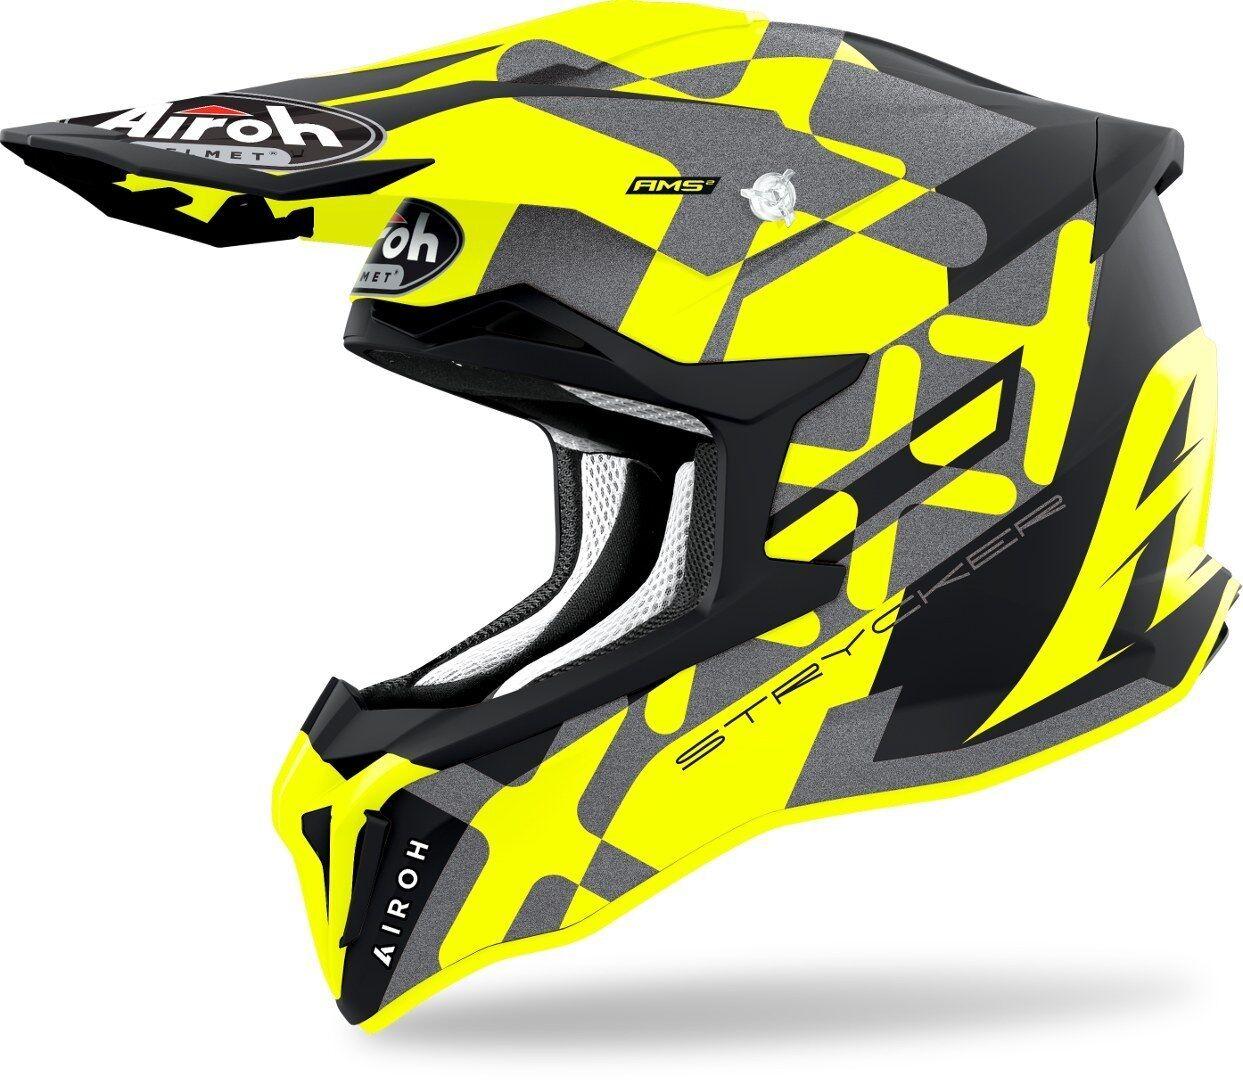 Airoh Strycker XXX Carbon Casque Motocross Jaune XL